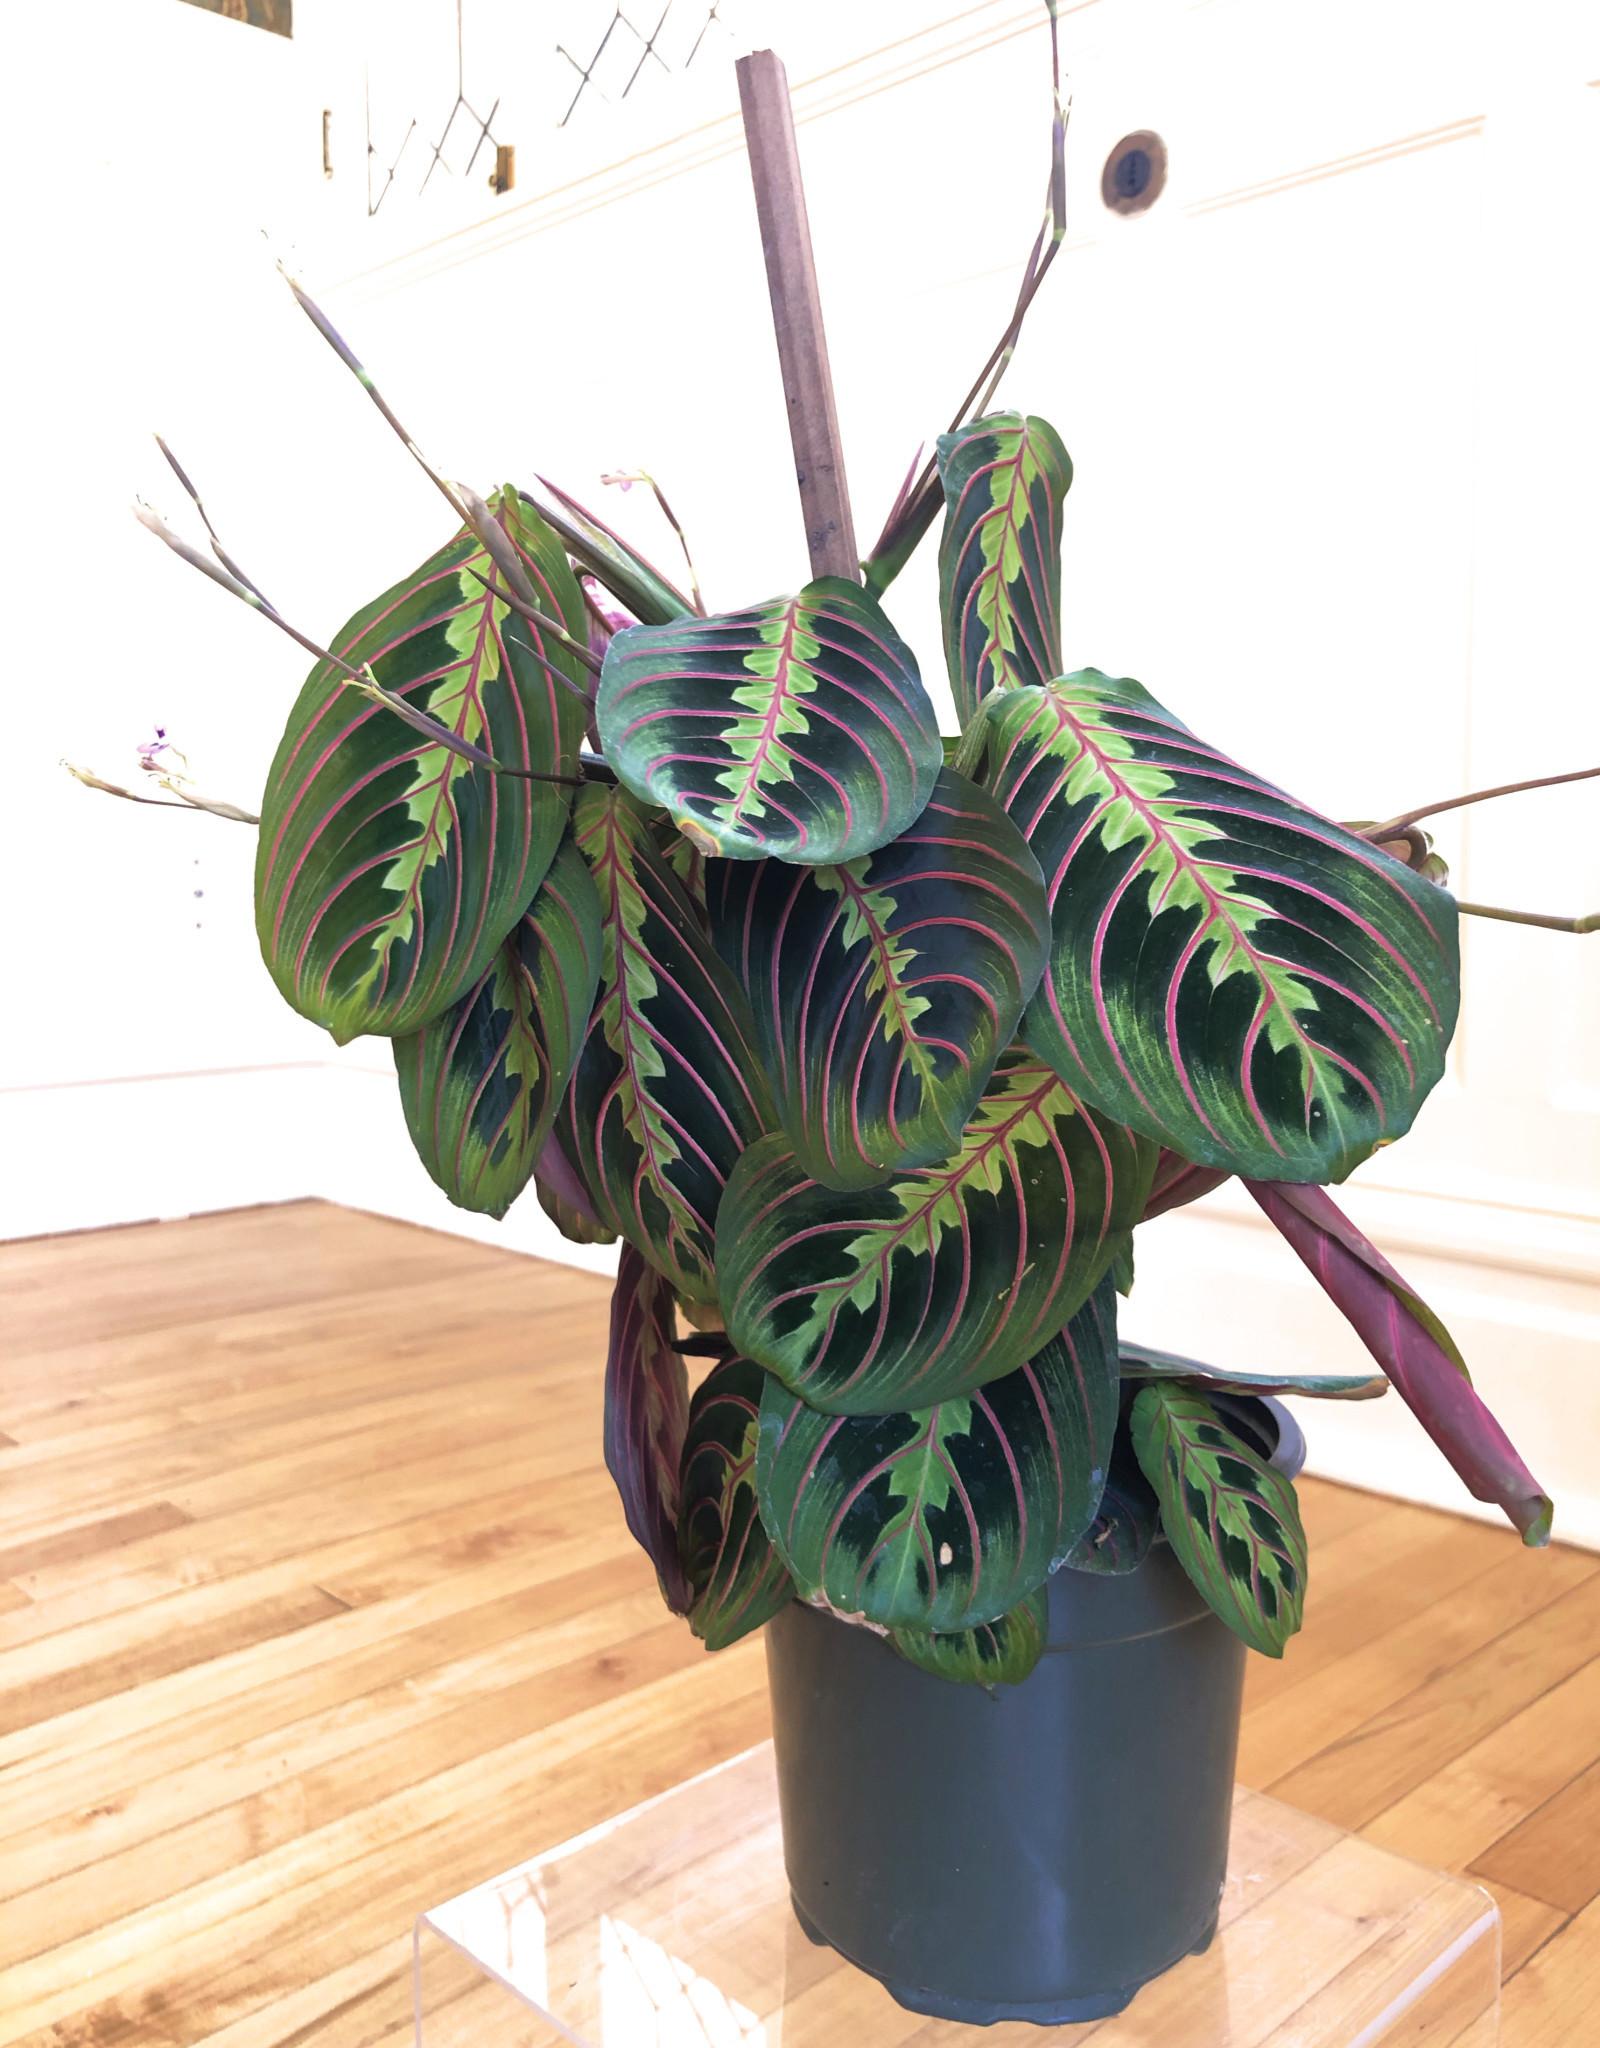 Curio Calathea Maranta leuconeura, 'Prayer plant'